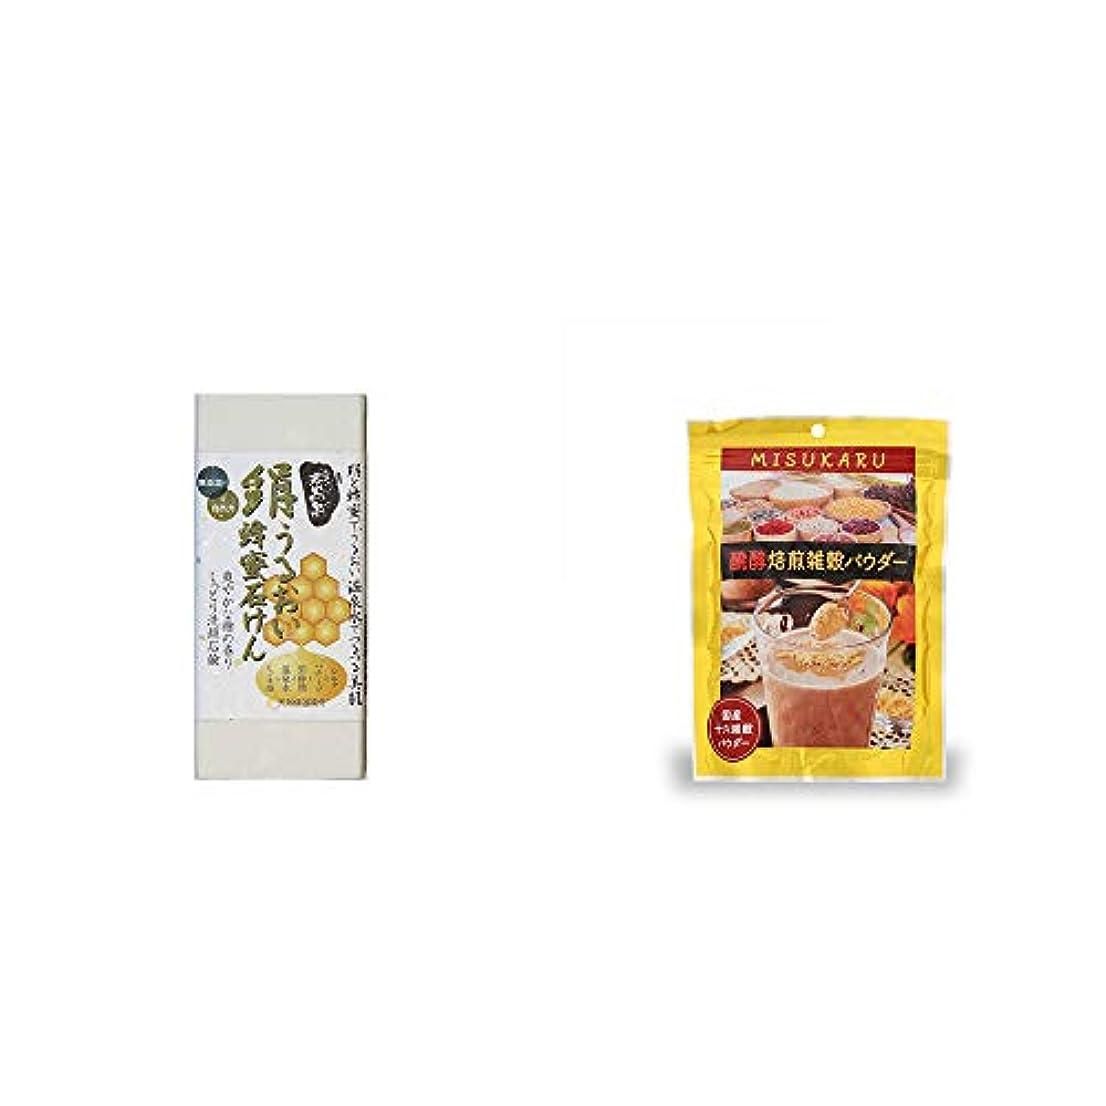 エイリアン安定した大型トラック[2点セット] ひのき炭黒泉 絹うるおい蜂蜜石けん(75g×2)?醗酵焙煎雑穀パウダー MISUKARU(ミスカル)(200g)